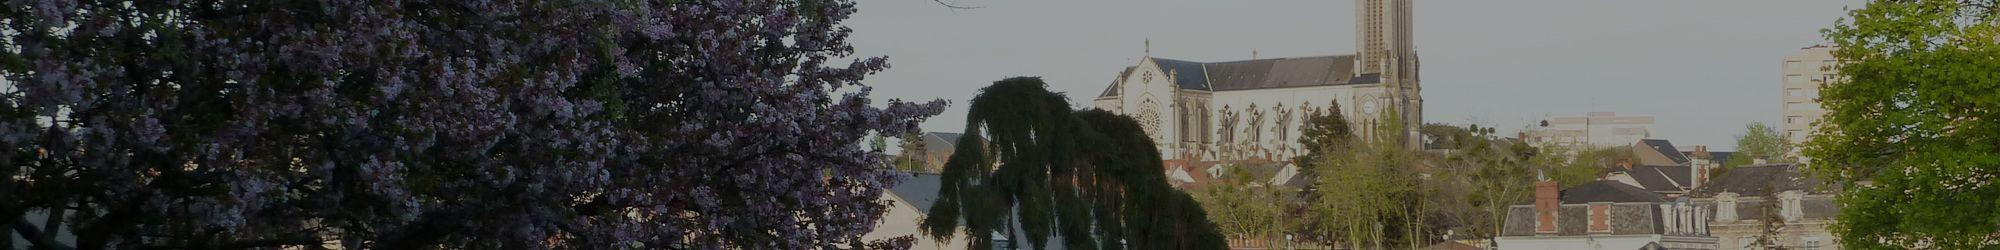 Ville de Cholet